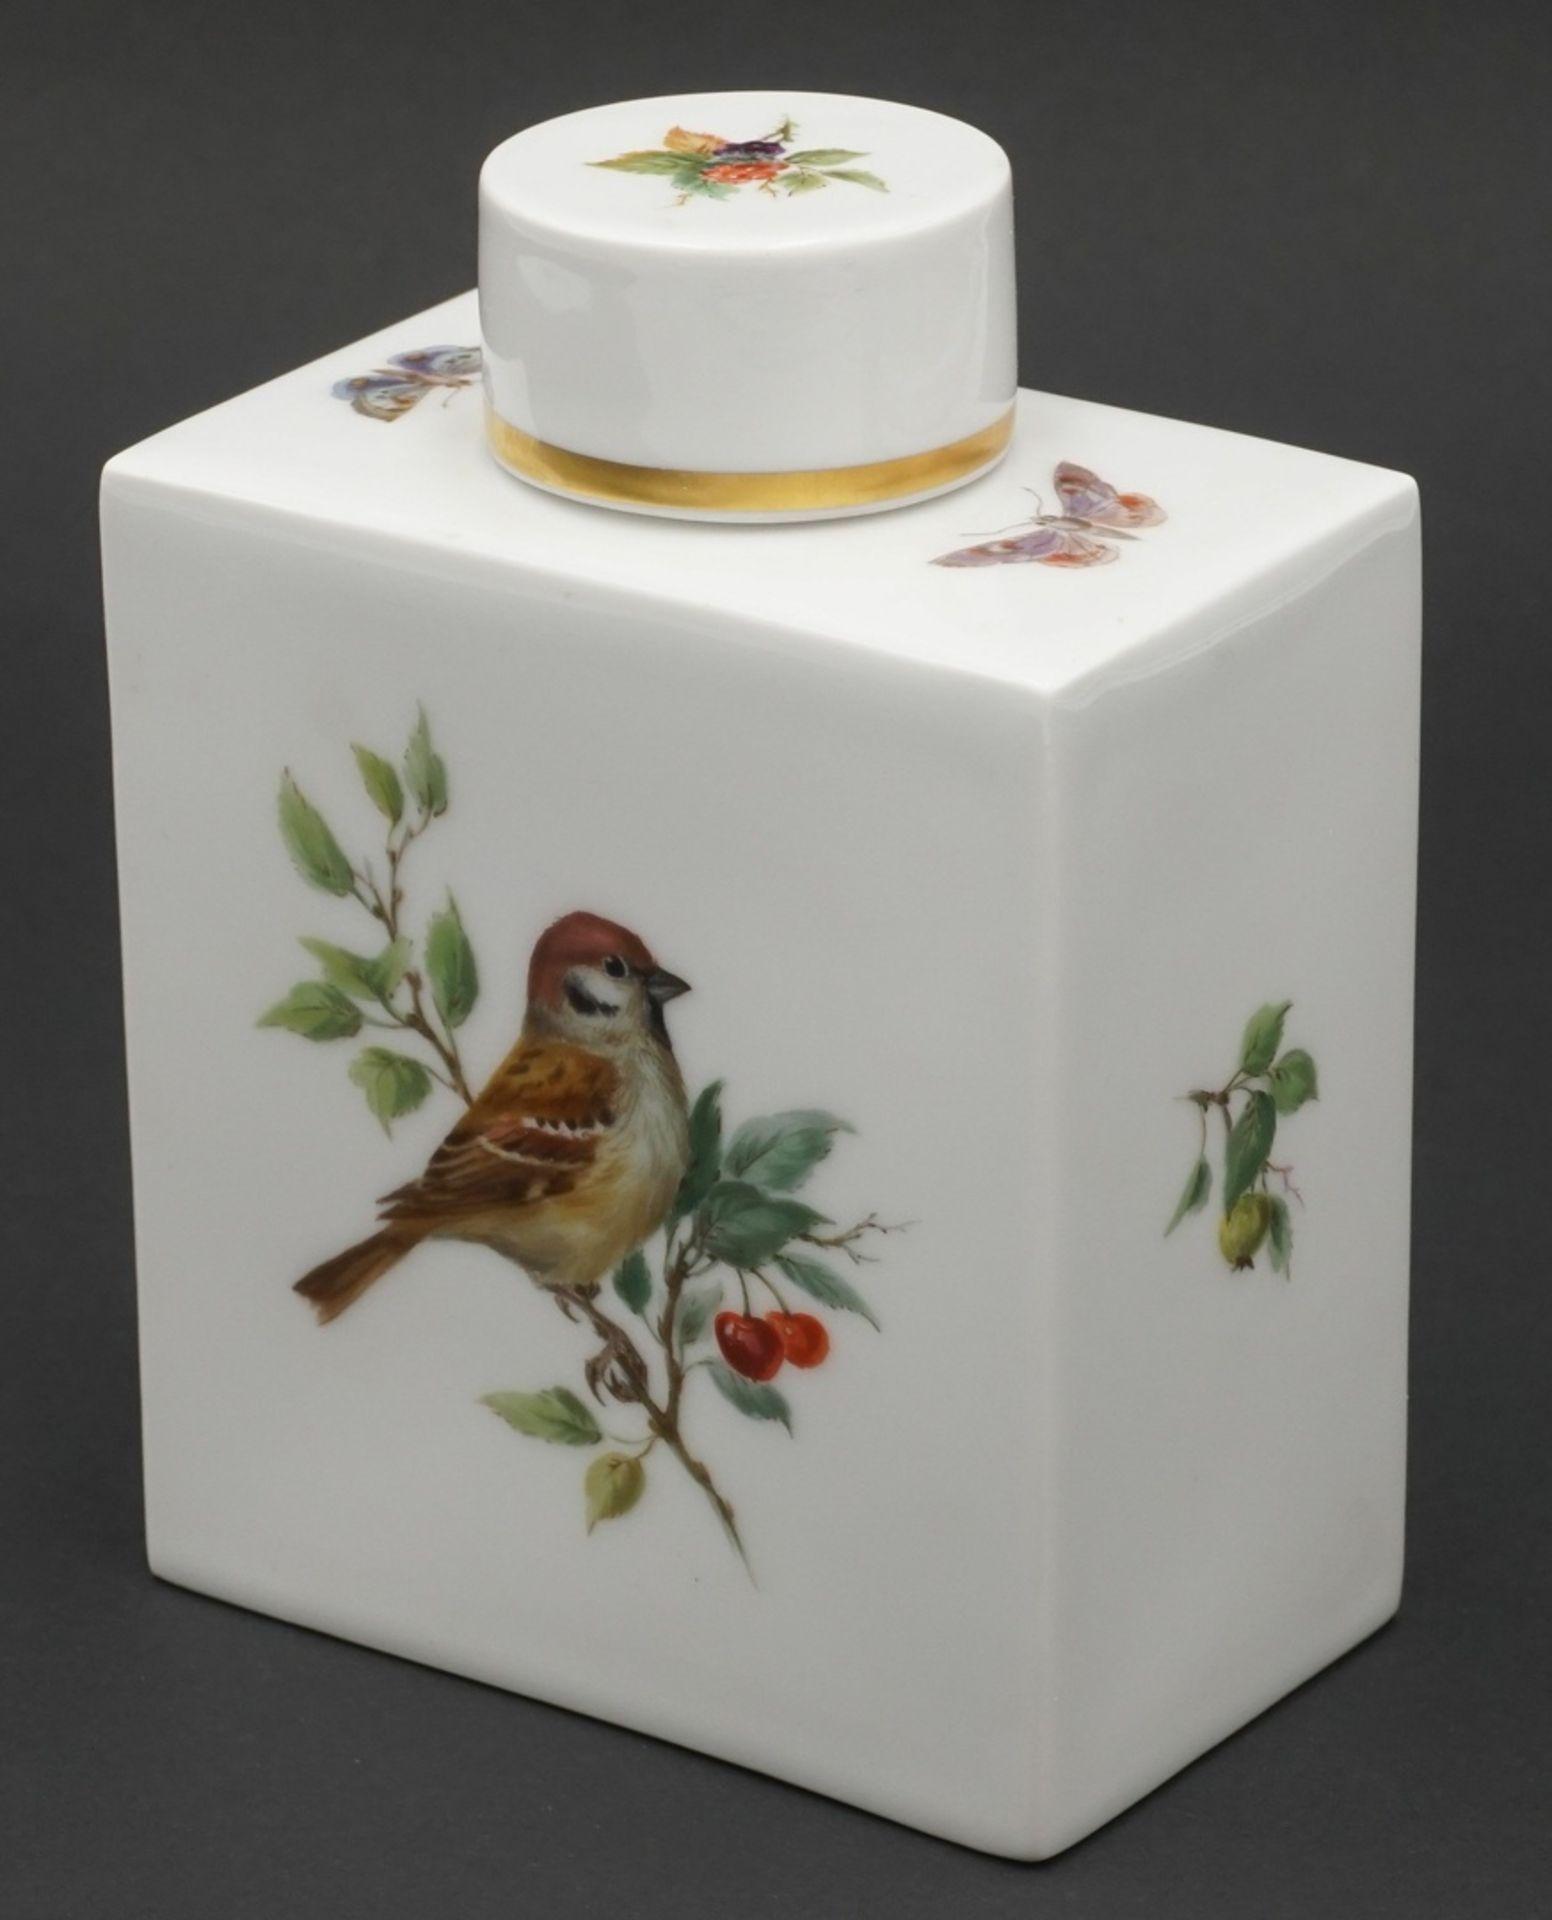 Meissen Teedose mit Vogelmalerei - Bild 2 aus 4